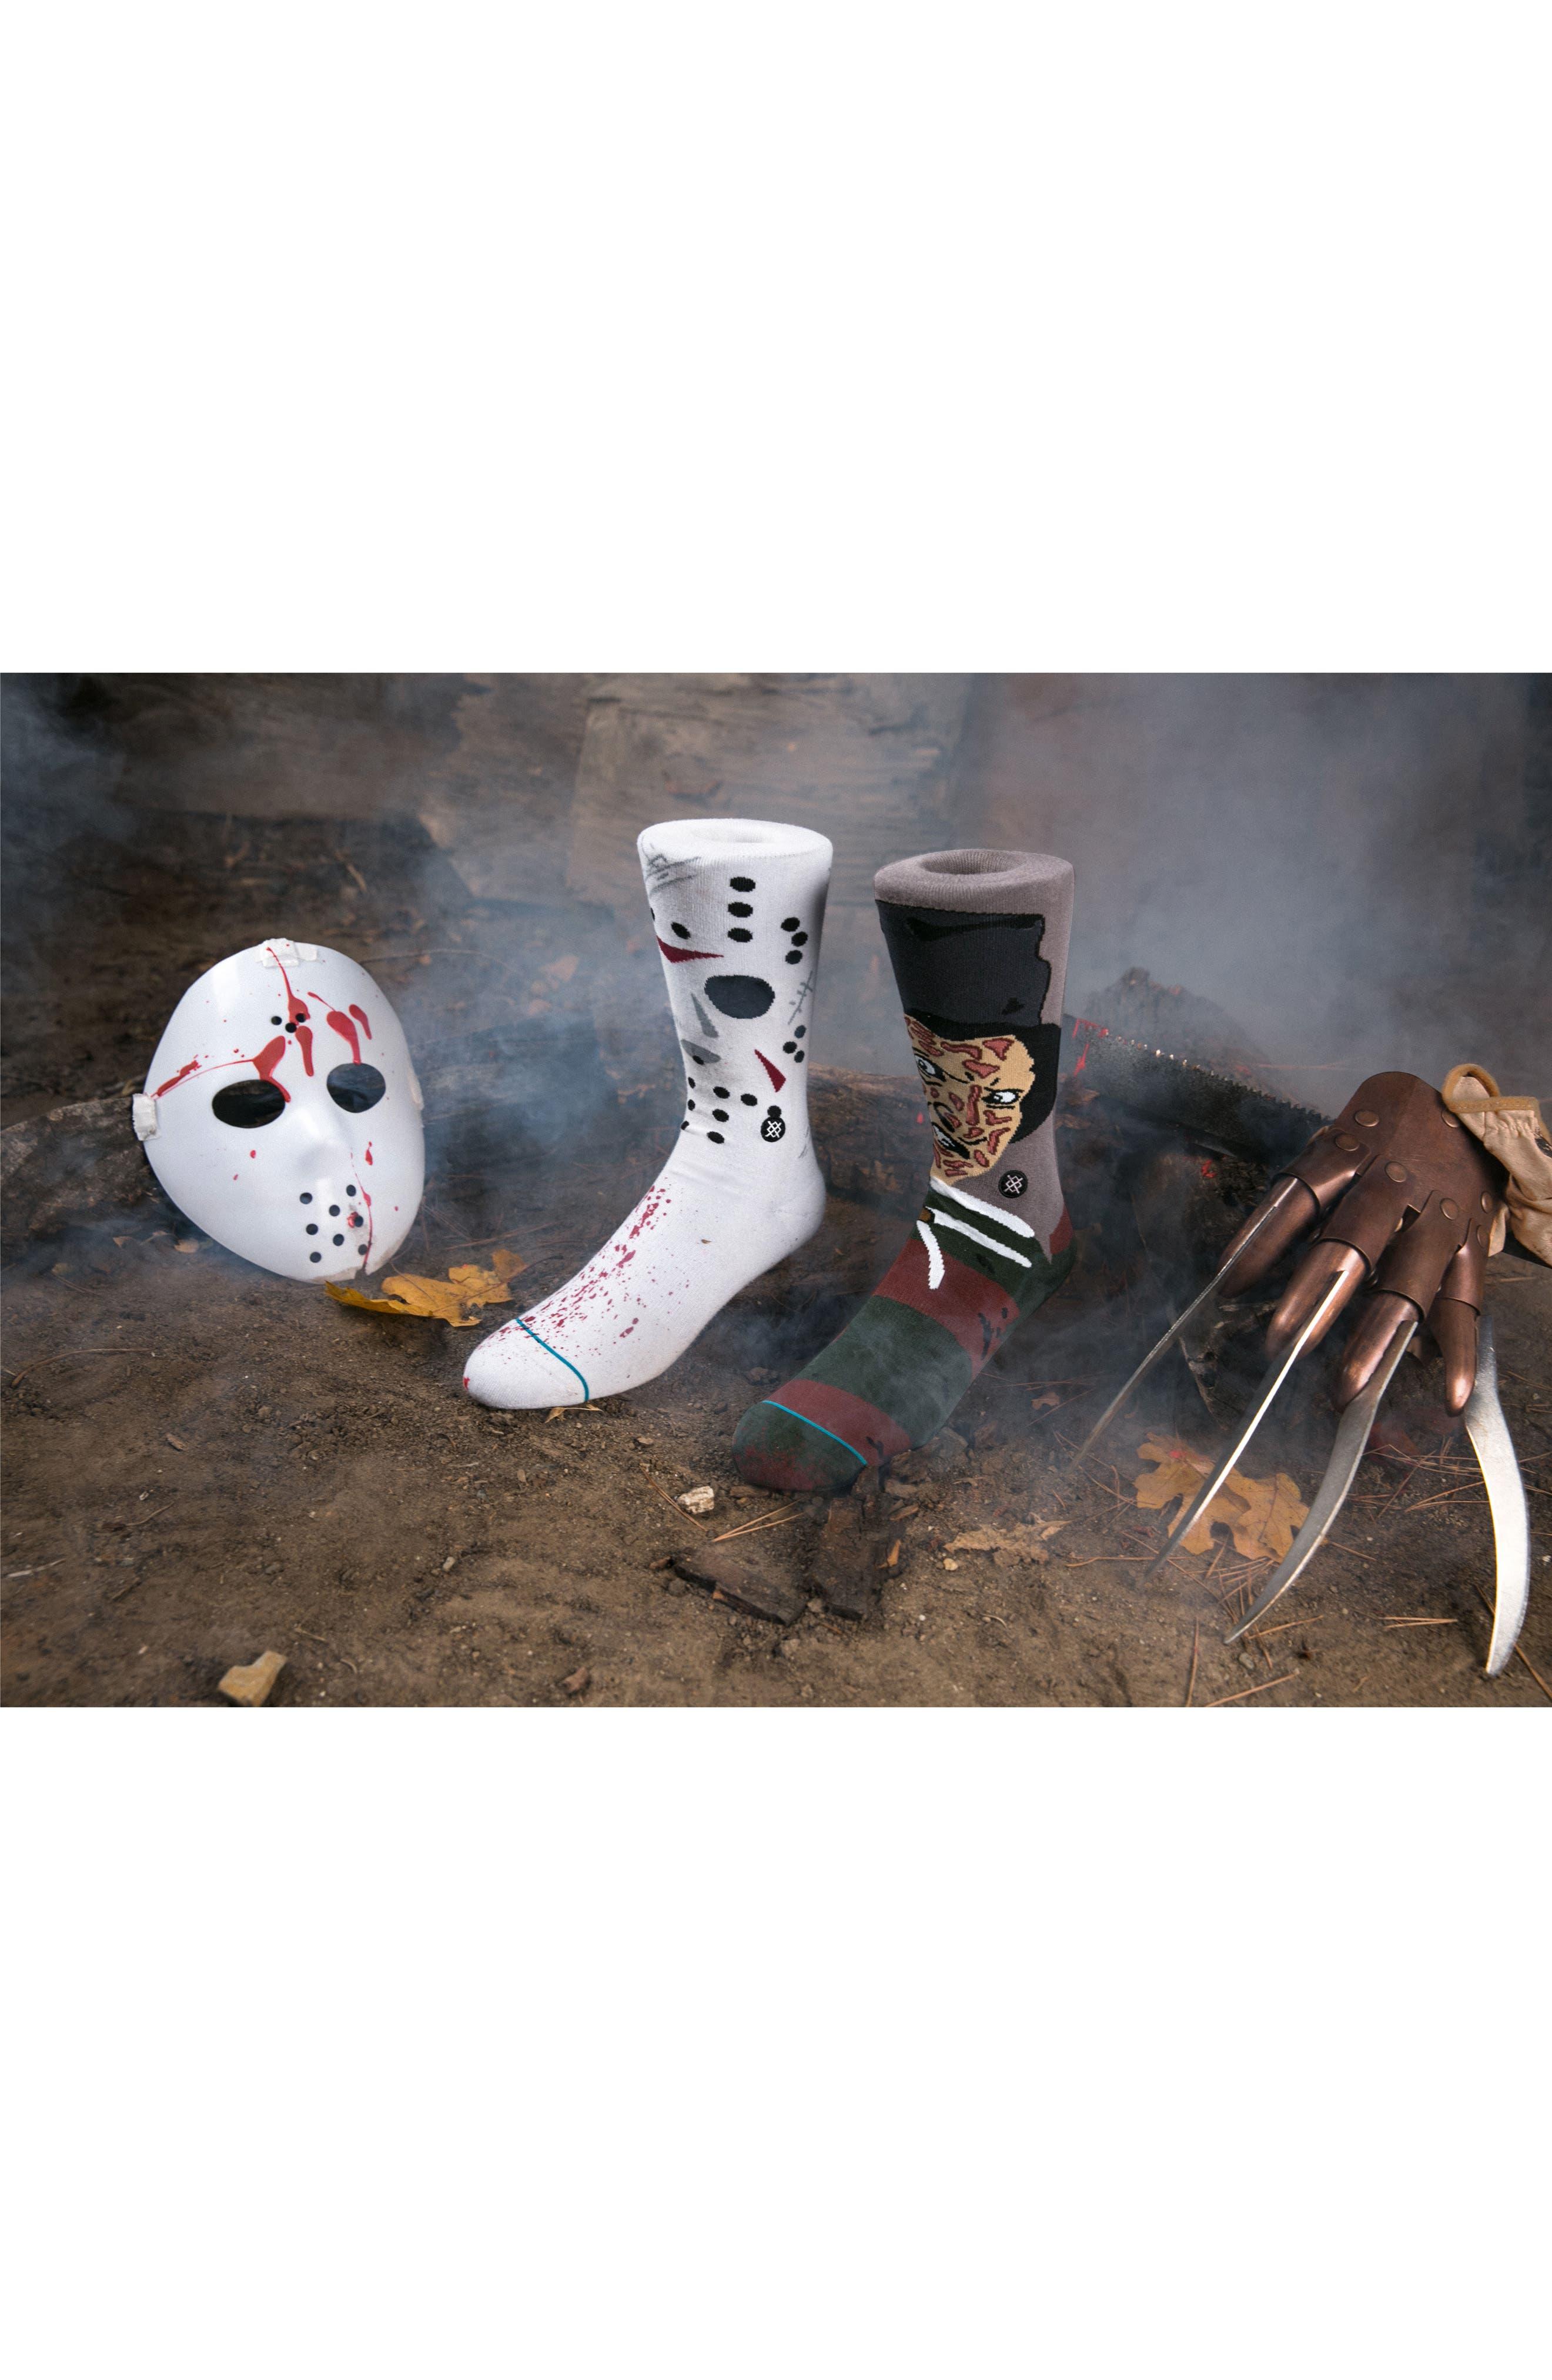 Freddy Krueger - Legends of Horror Socks,                             Alternate thumbnail 5, color,                             001